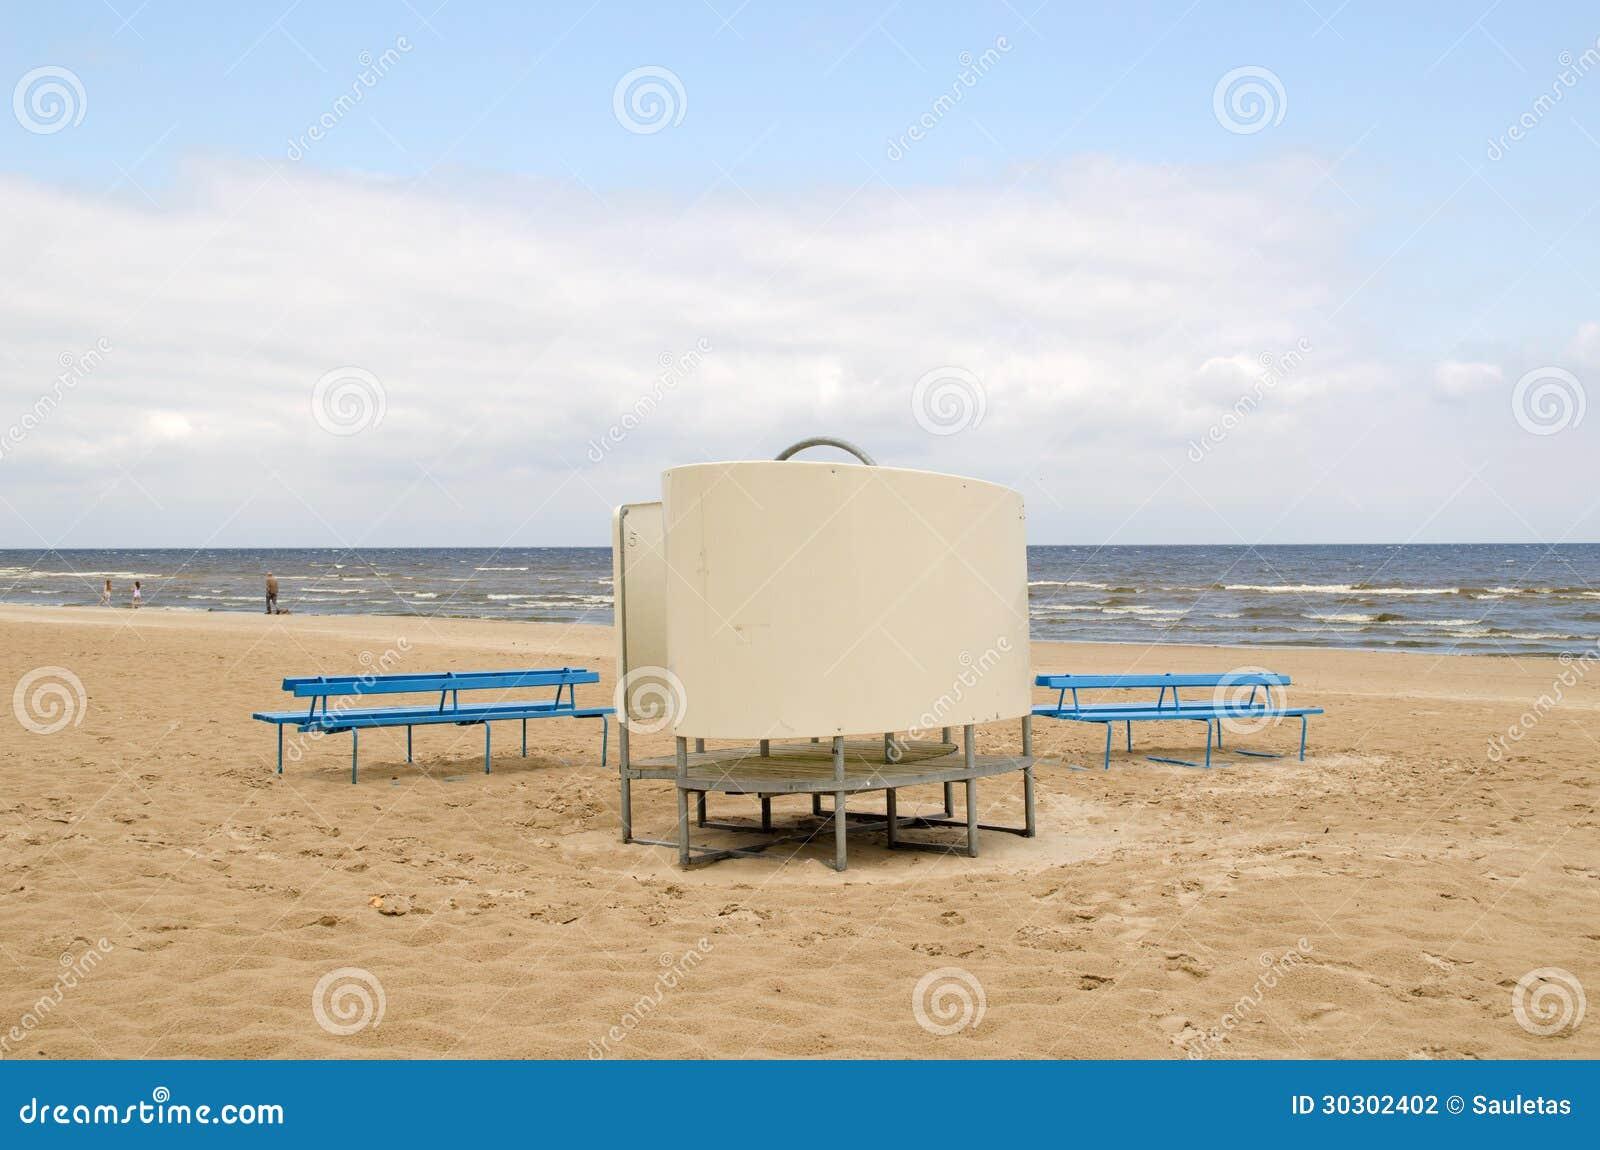 пляжные кабины на море - 7